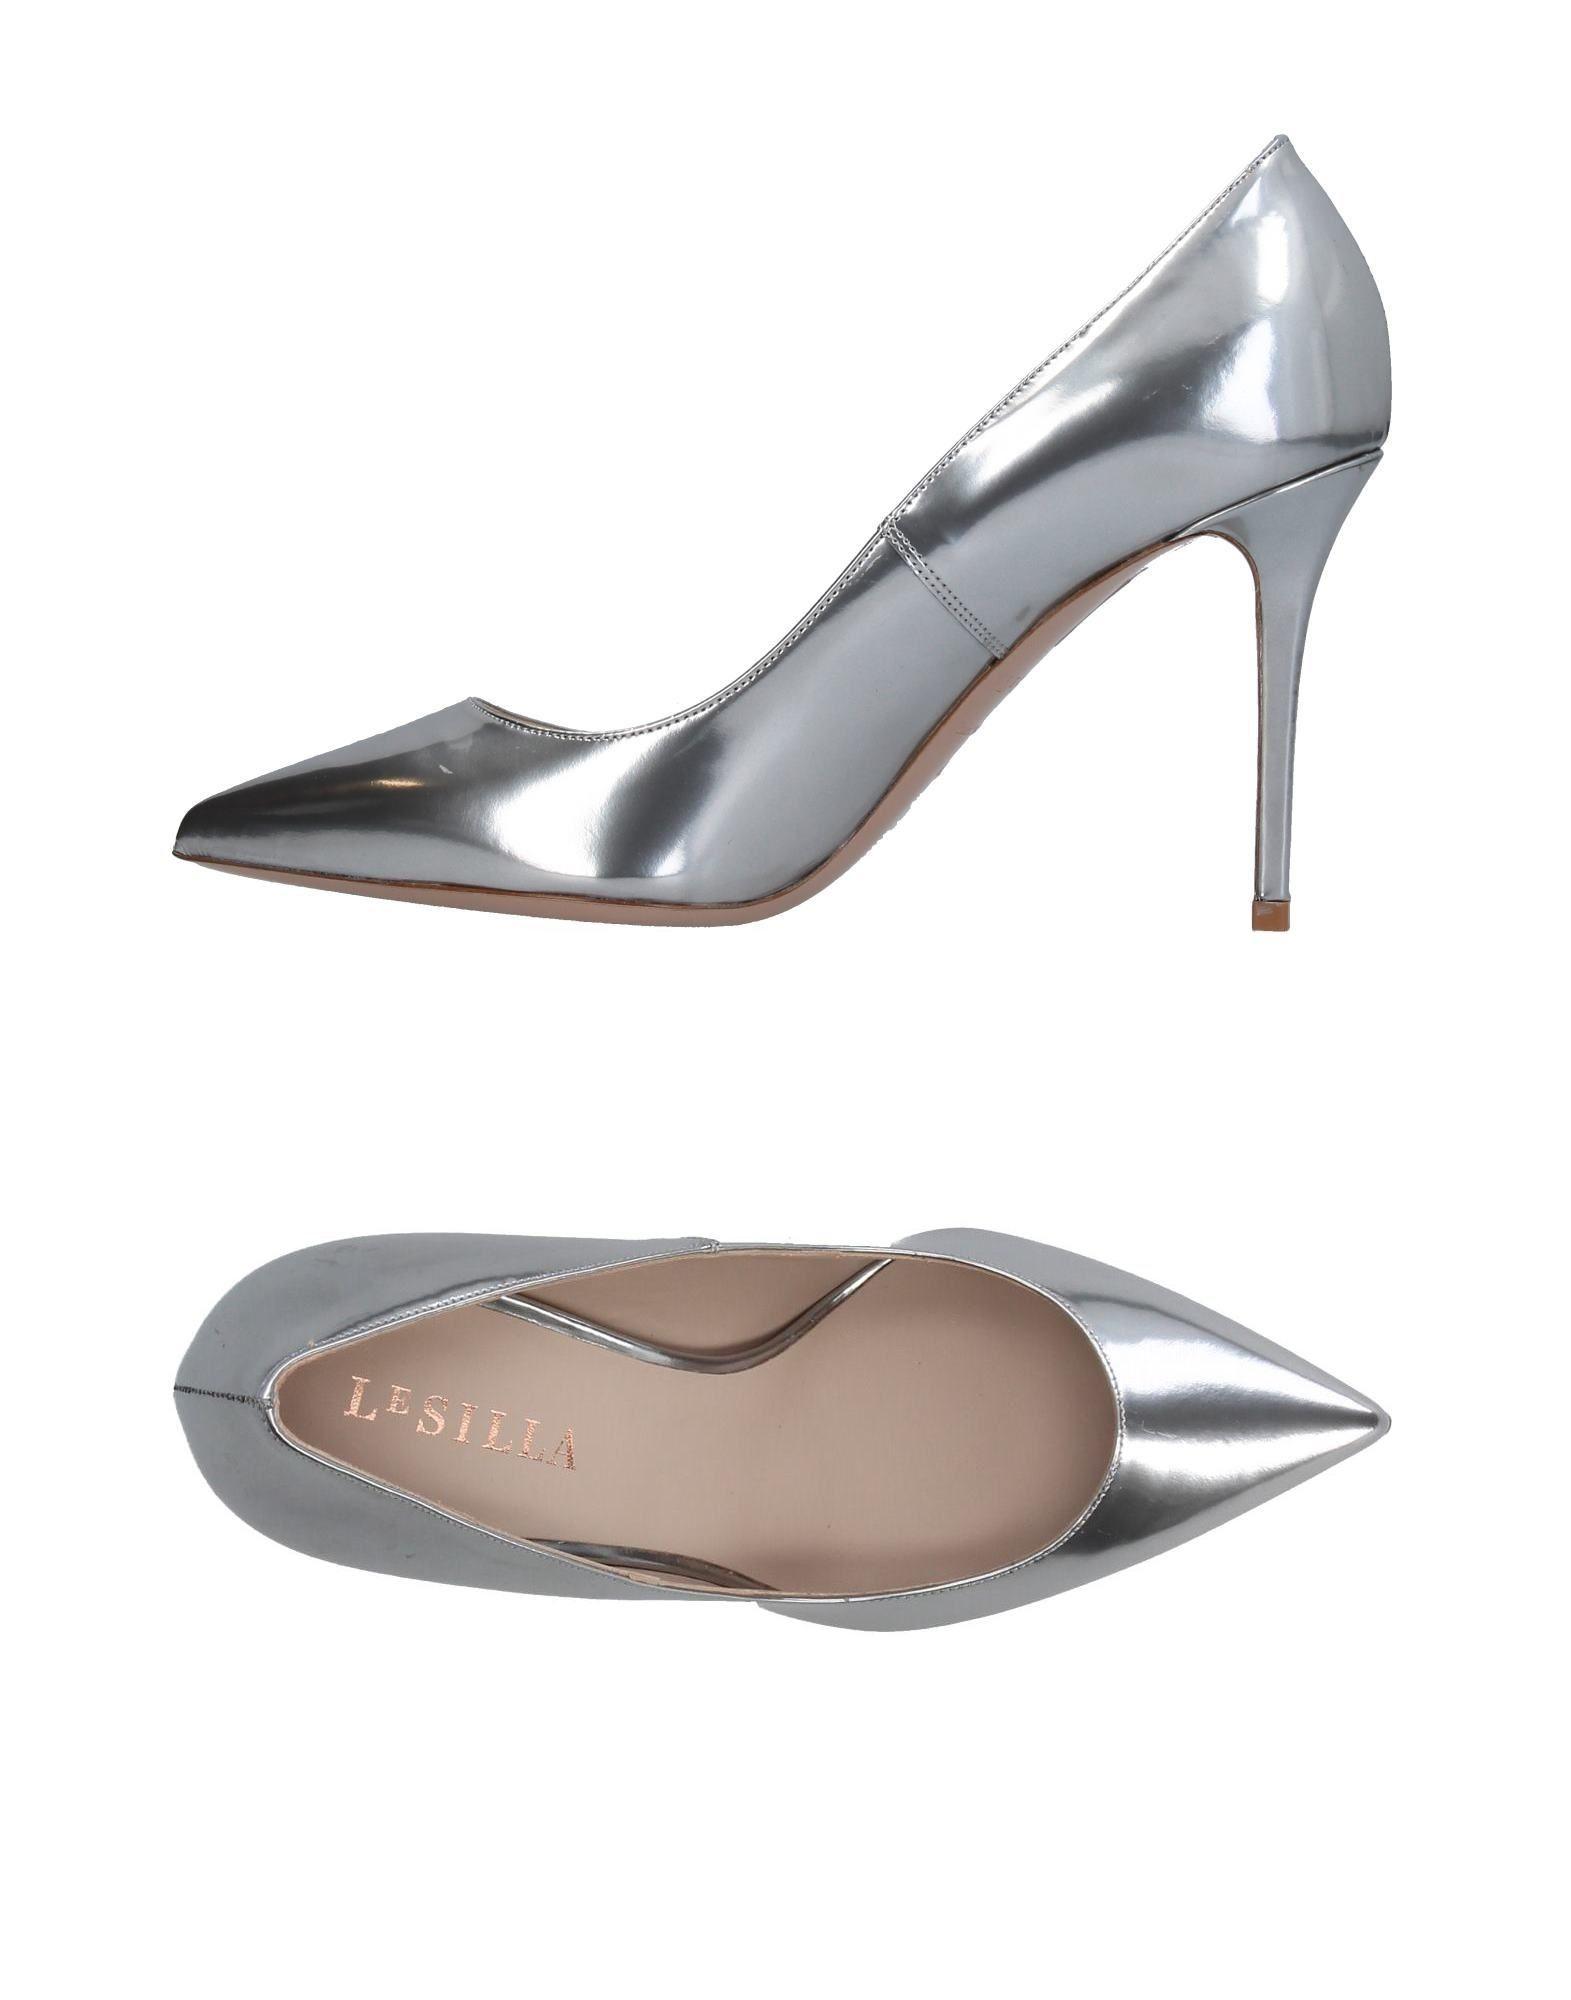 Nuevos limitado zapatos para hombres y mujeres, descuento por tiempo limitado Nuevos Zapato De Salón Le Silla Mujer - Salones Le Silla  Plata c5eee4